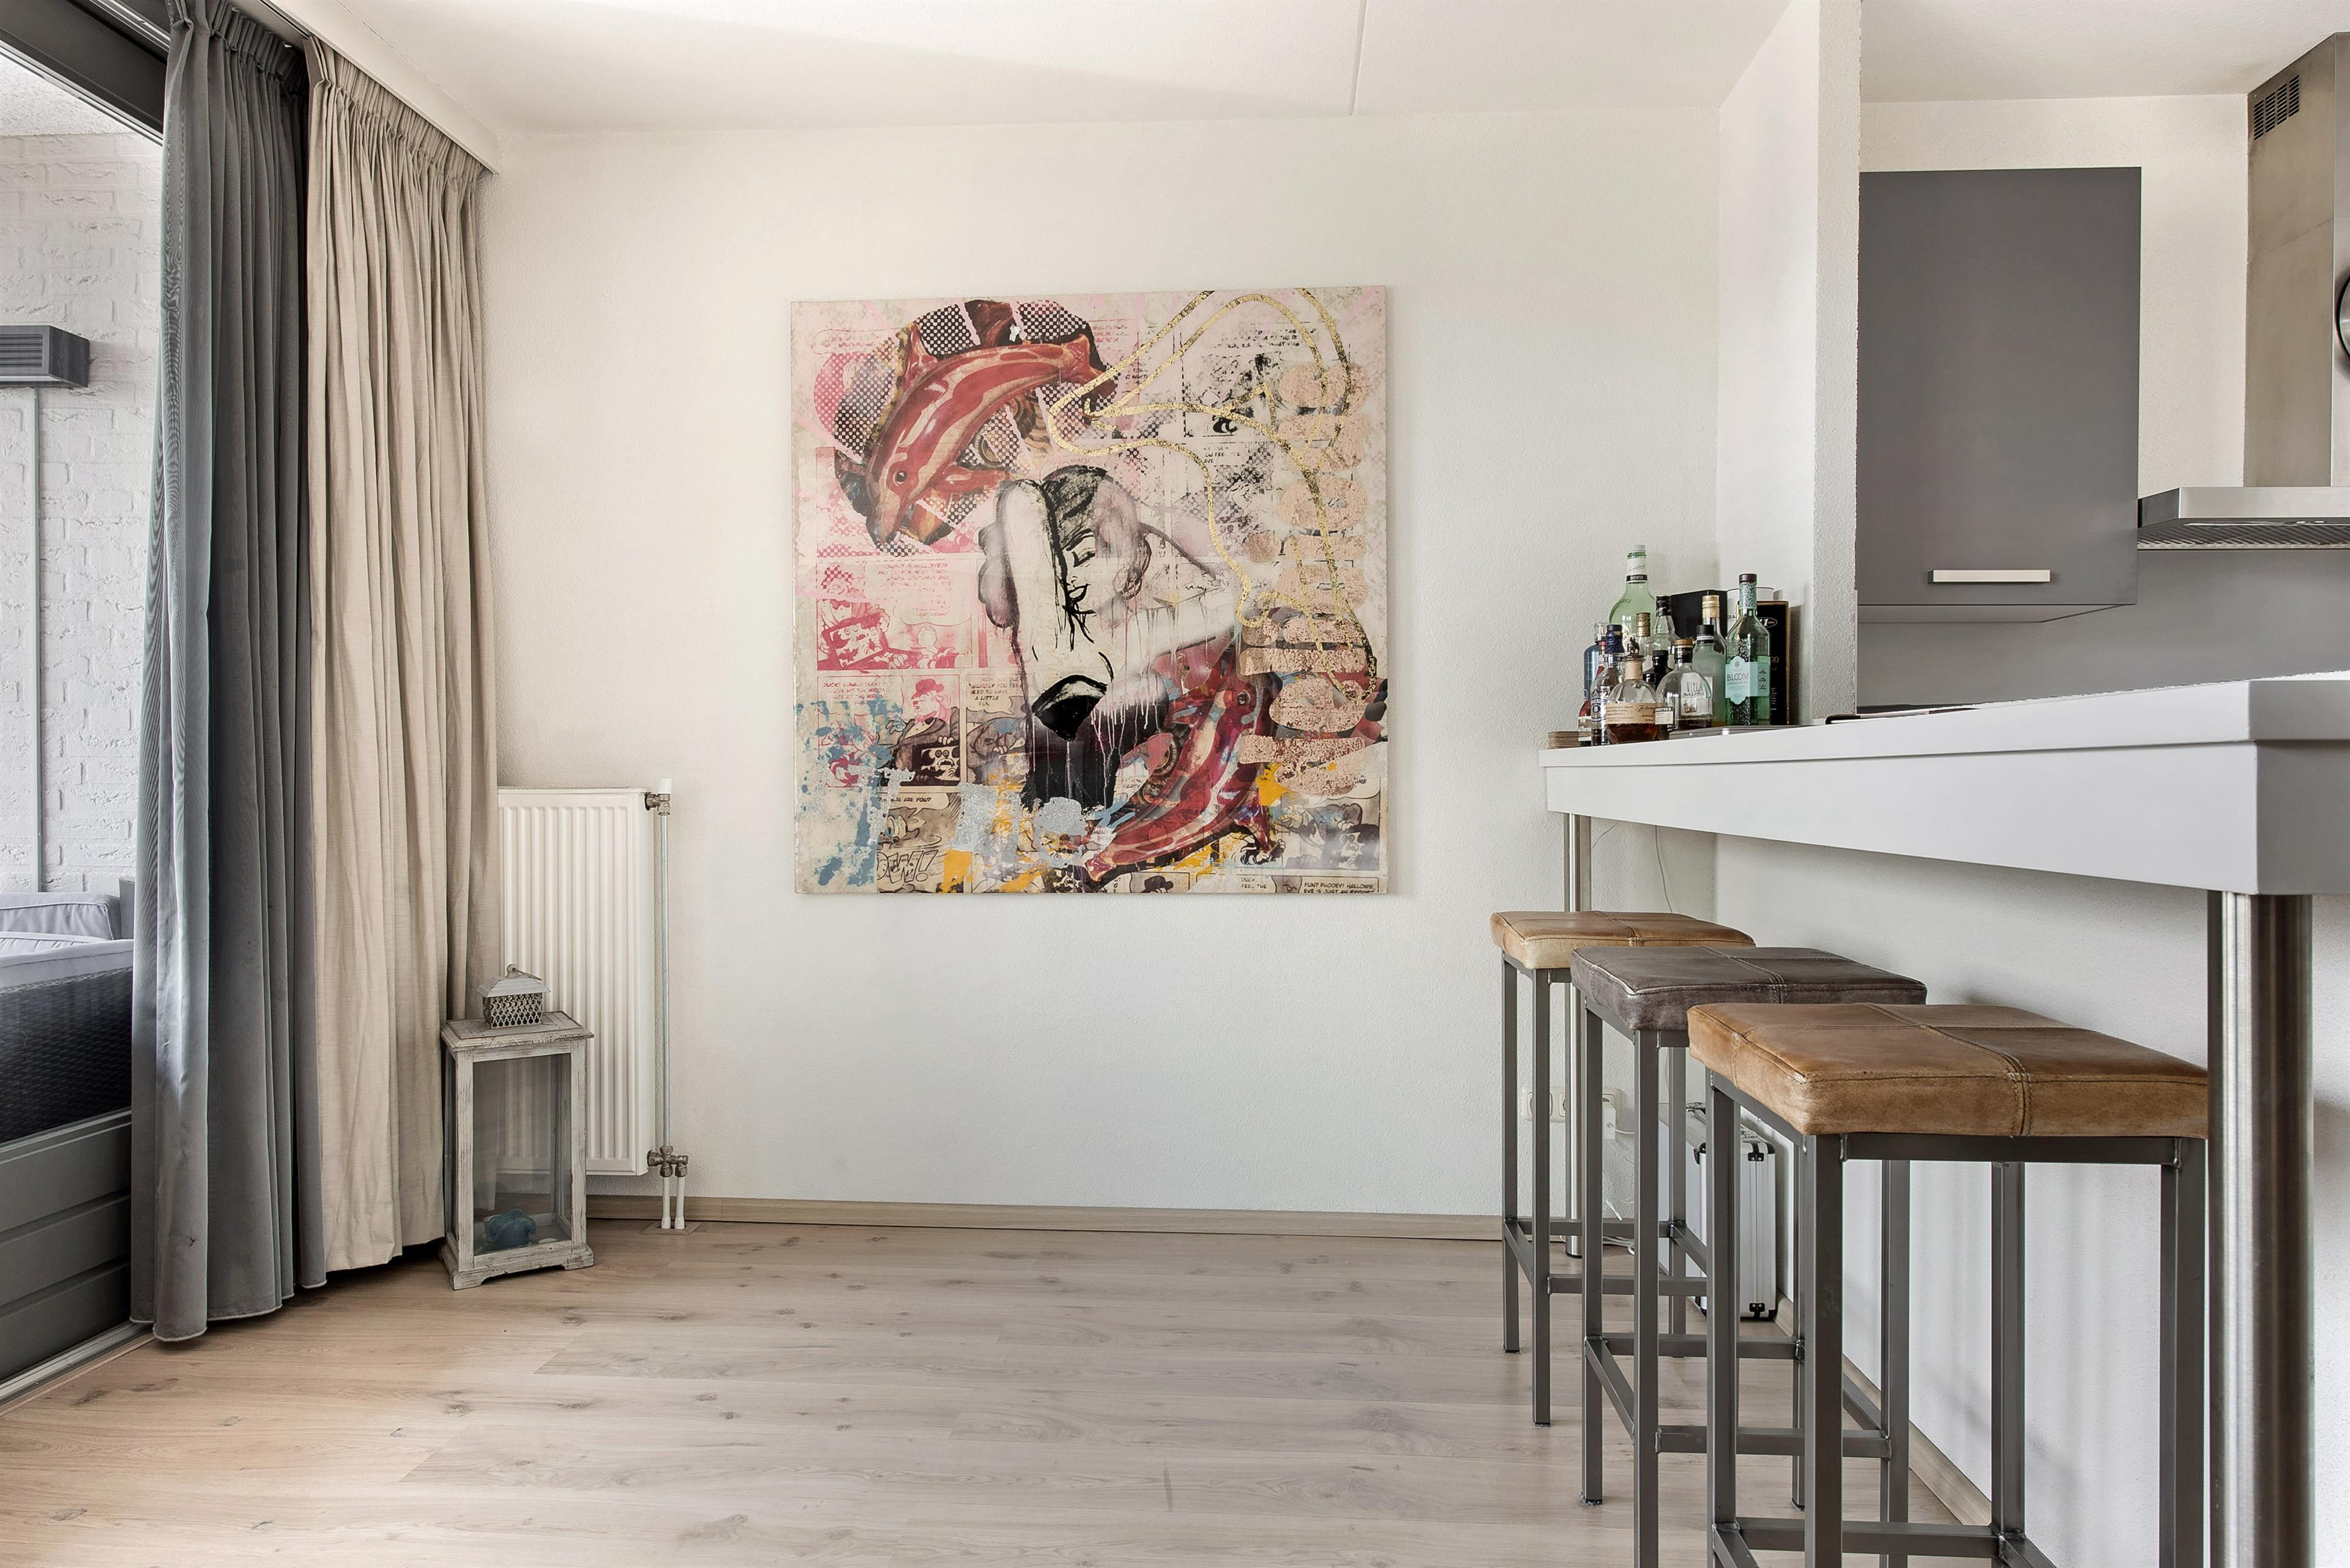 Te koop: manis krijgsmanhof 108 s hertogenbosch hendriks makelaardij